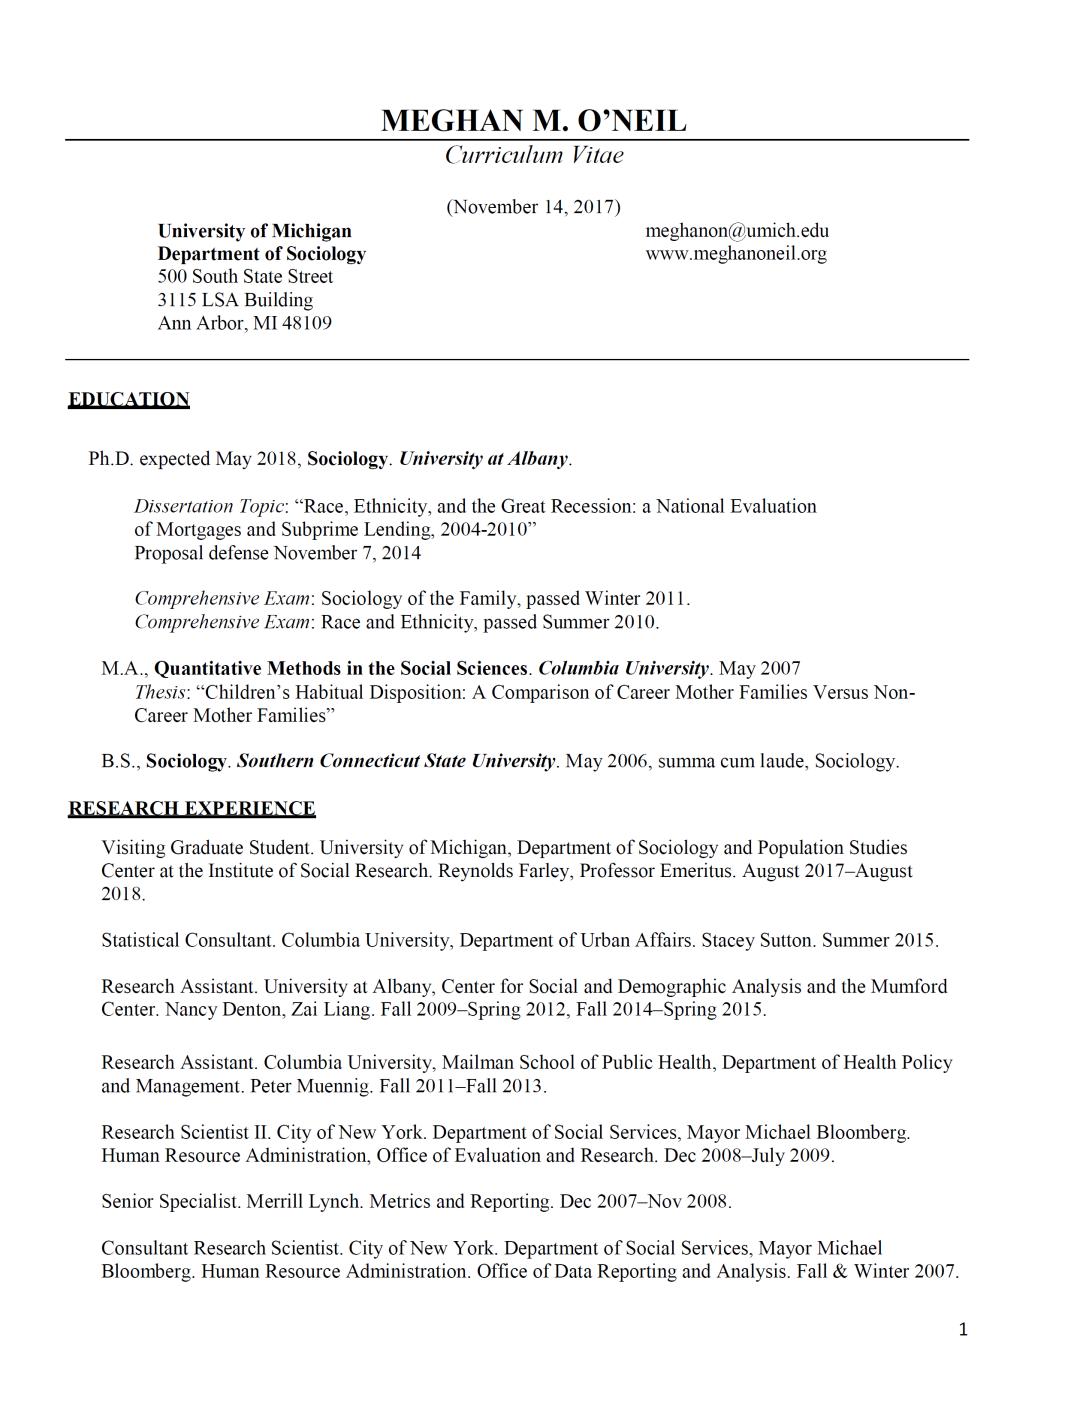 CV 1st pg 11.14.17